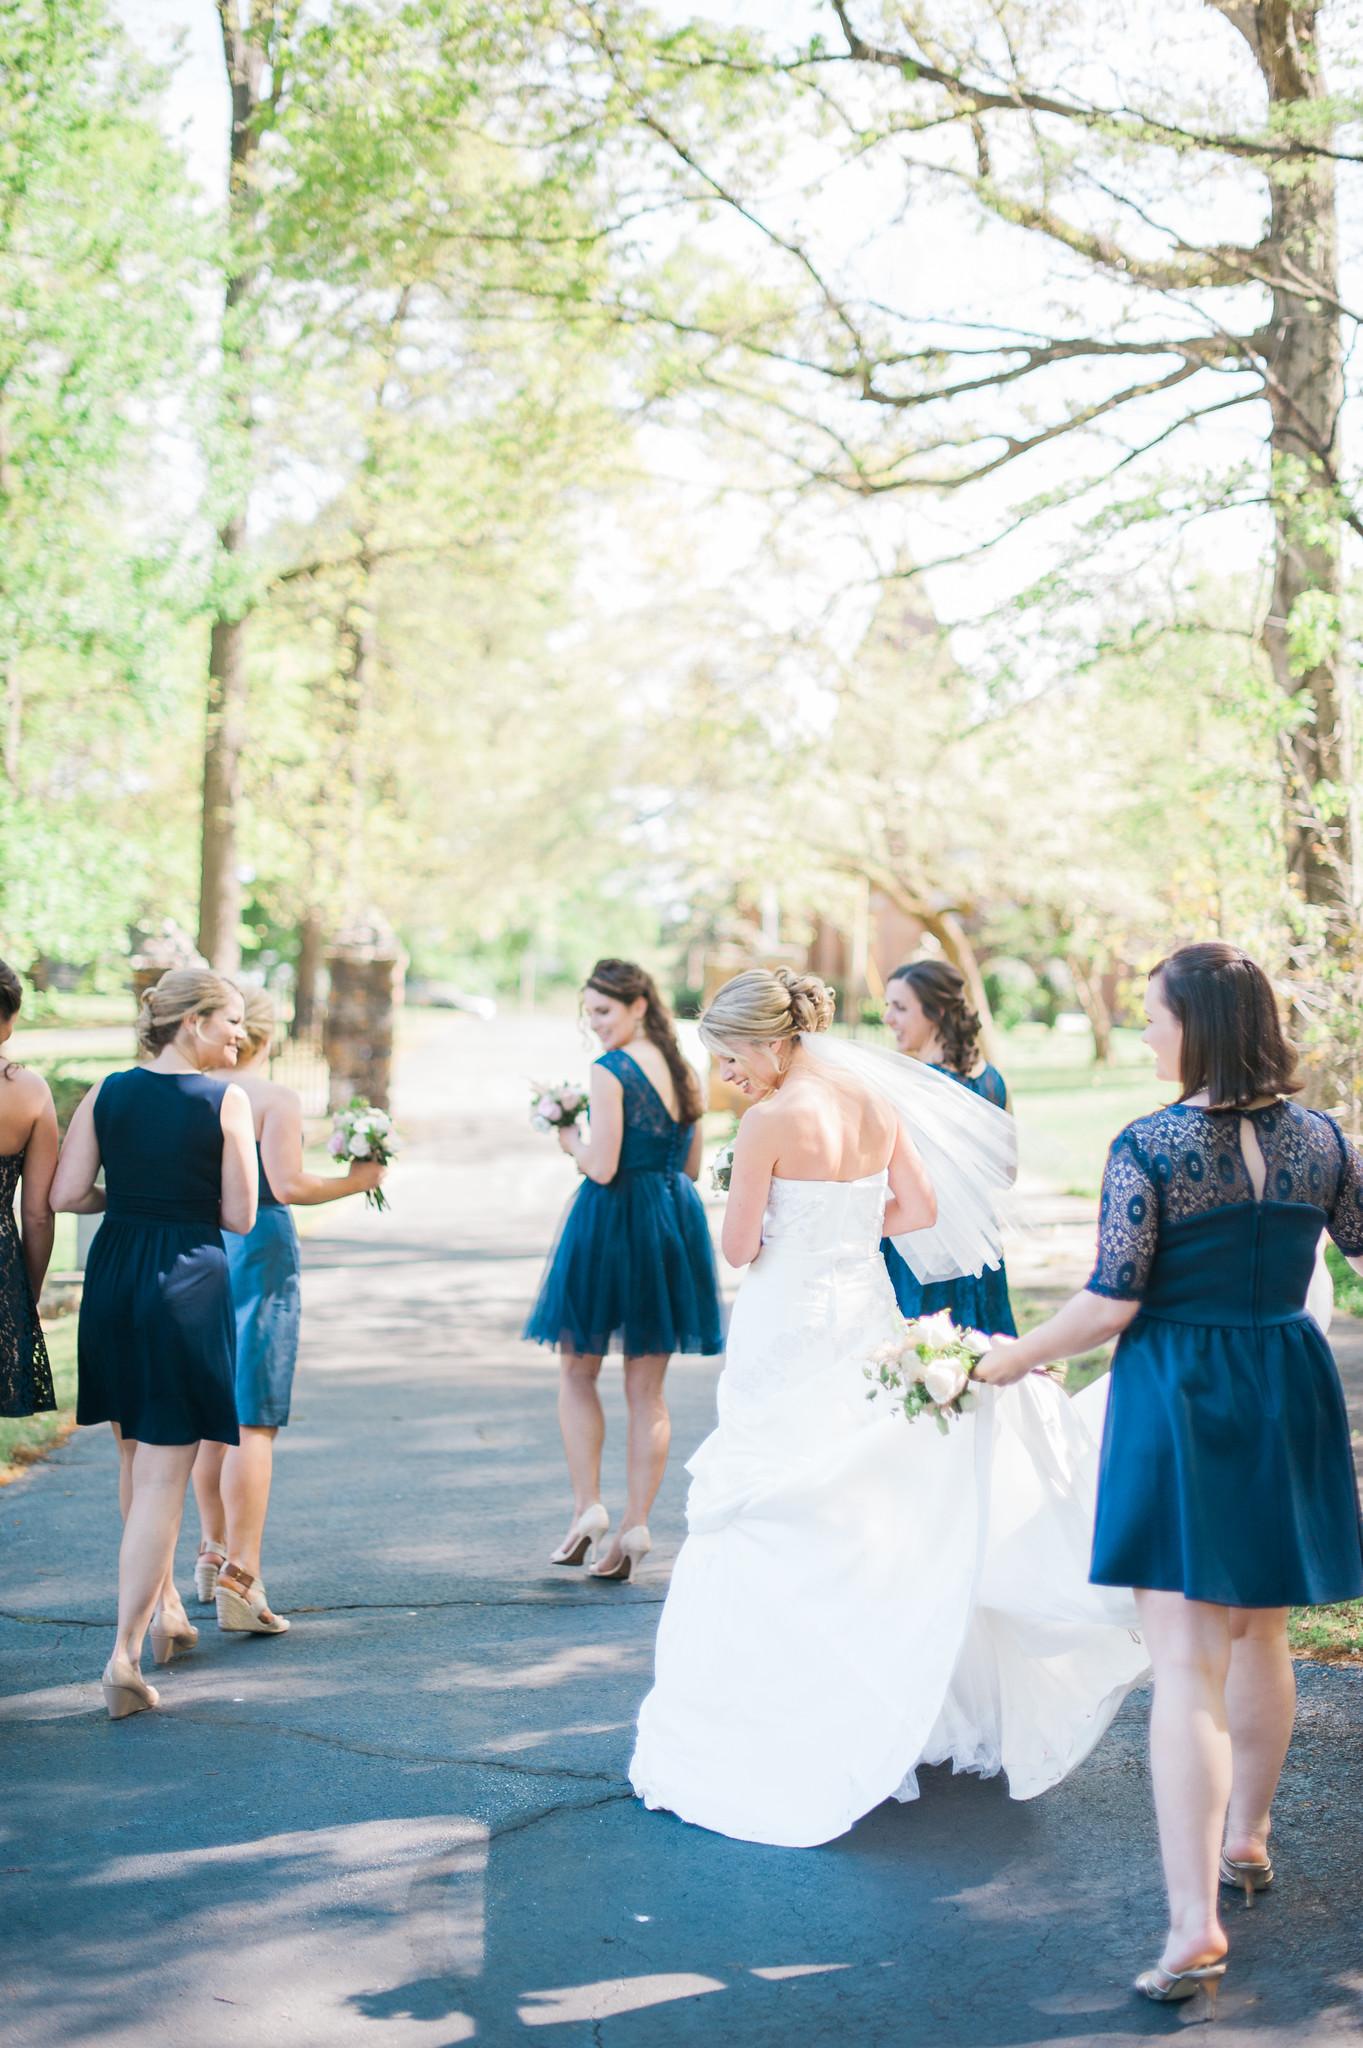 ernst-wedding-132-X4.jpg